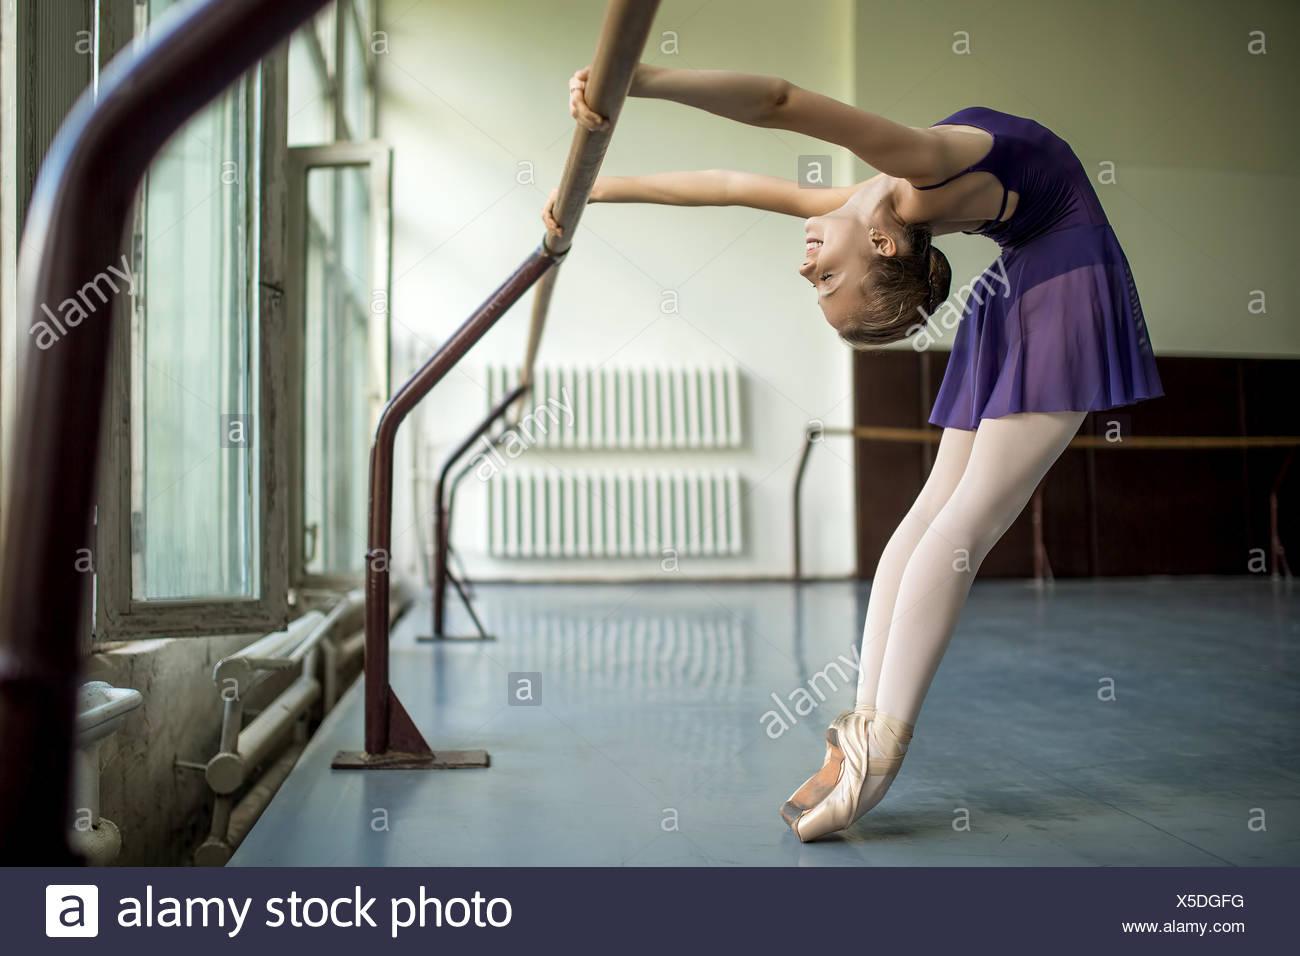 Joven bailarín haciendo un ejercicio en el aula cerca de Barre. Stretc Imagen De Stock